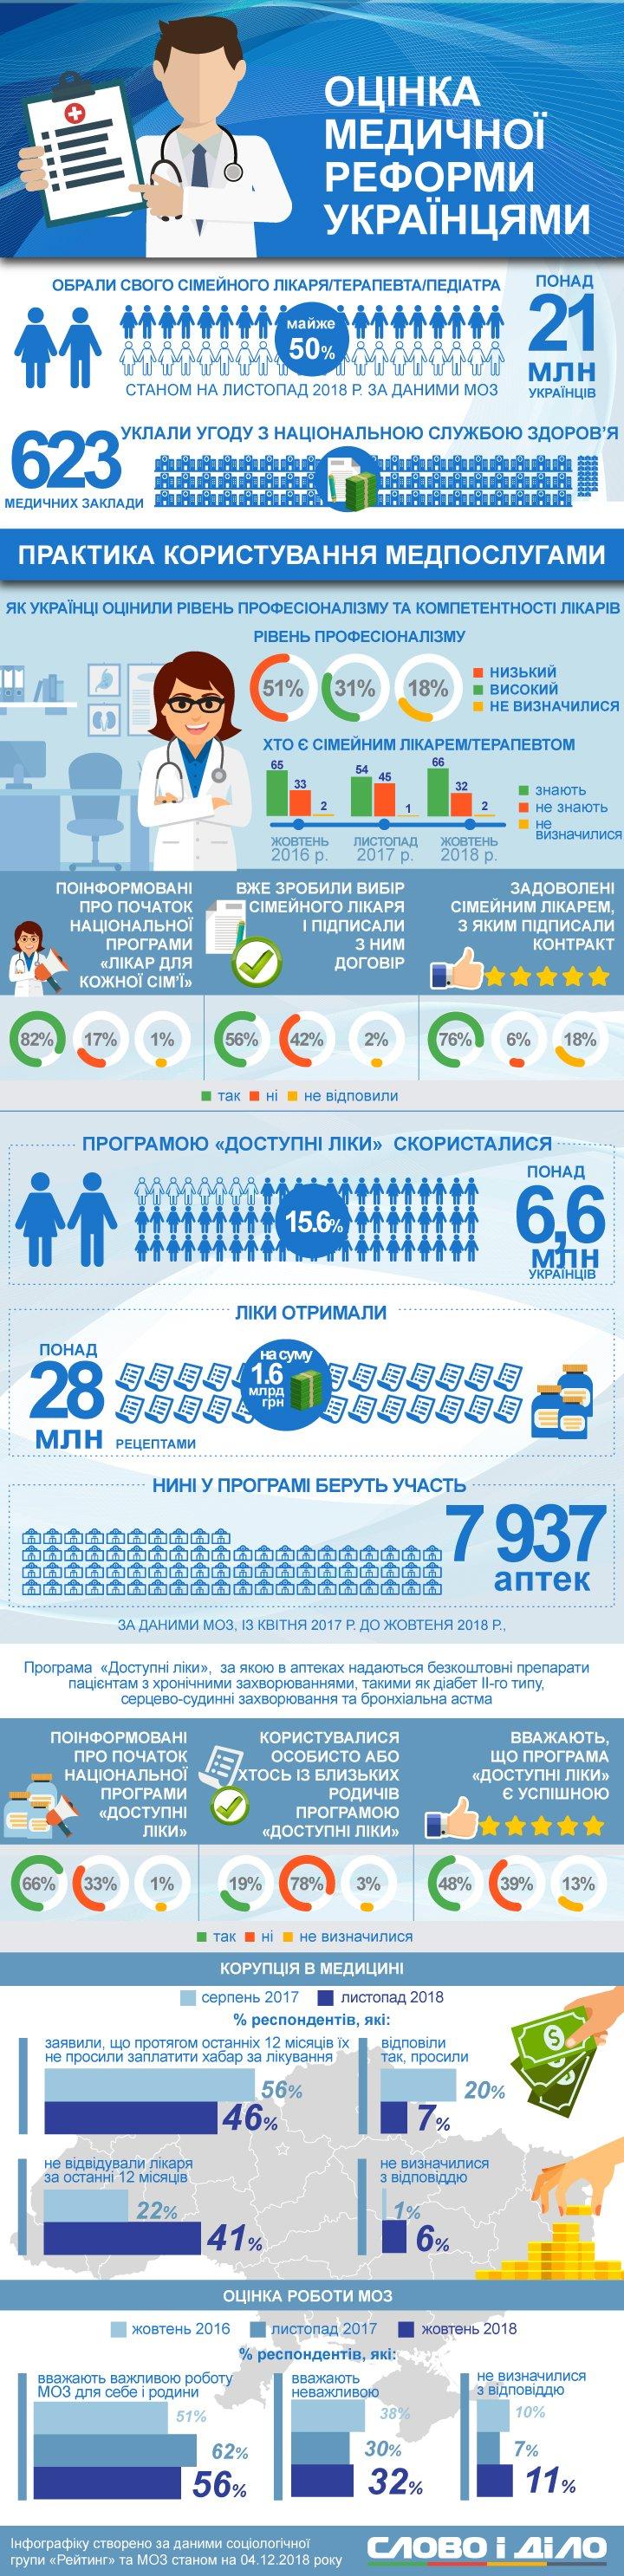 Зраду чи перемогу принесла українцям медична реформа, спробували з'ясувати соціологи. Але наші люди, здається, ще остаточно не розібралися.